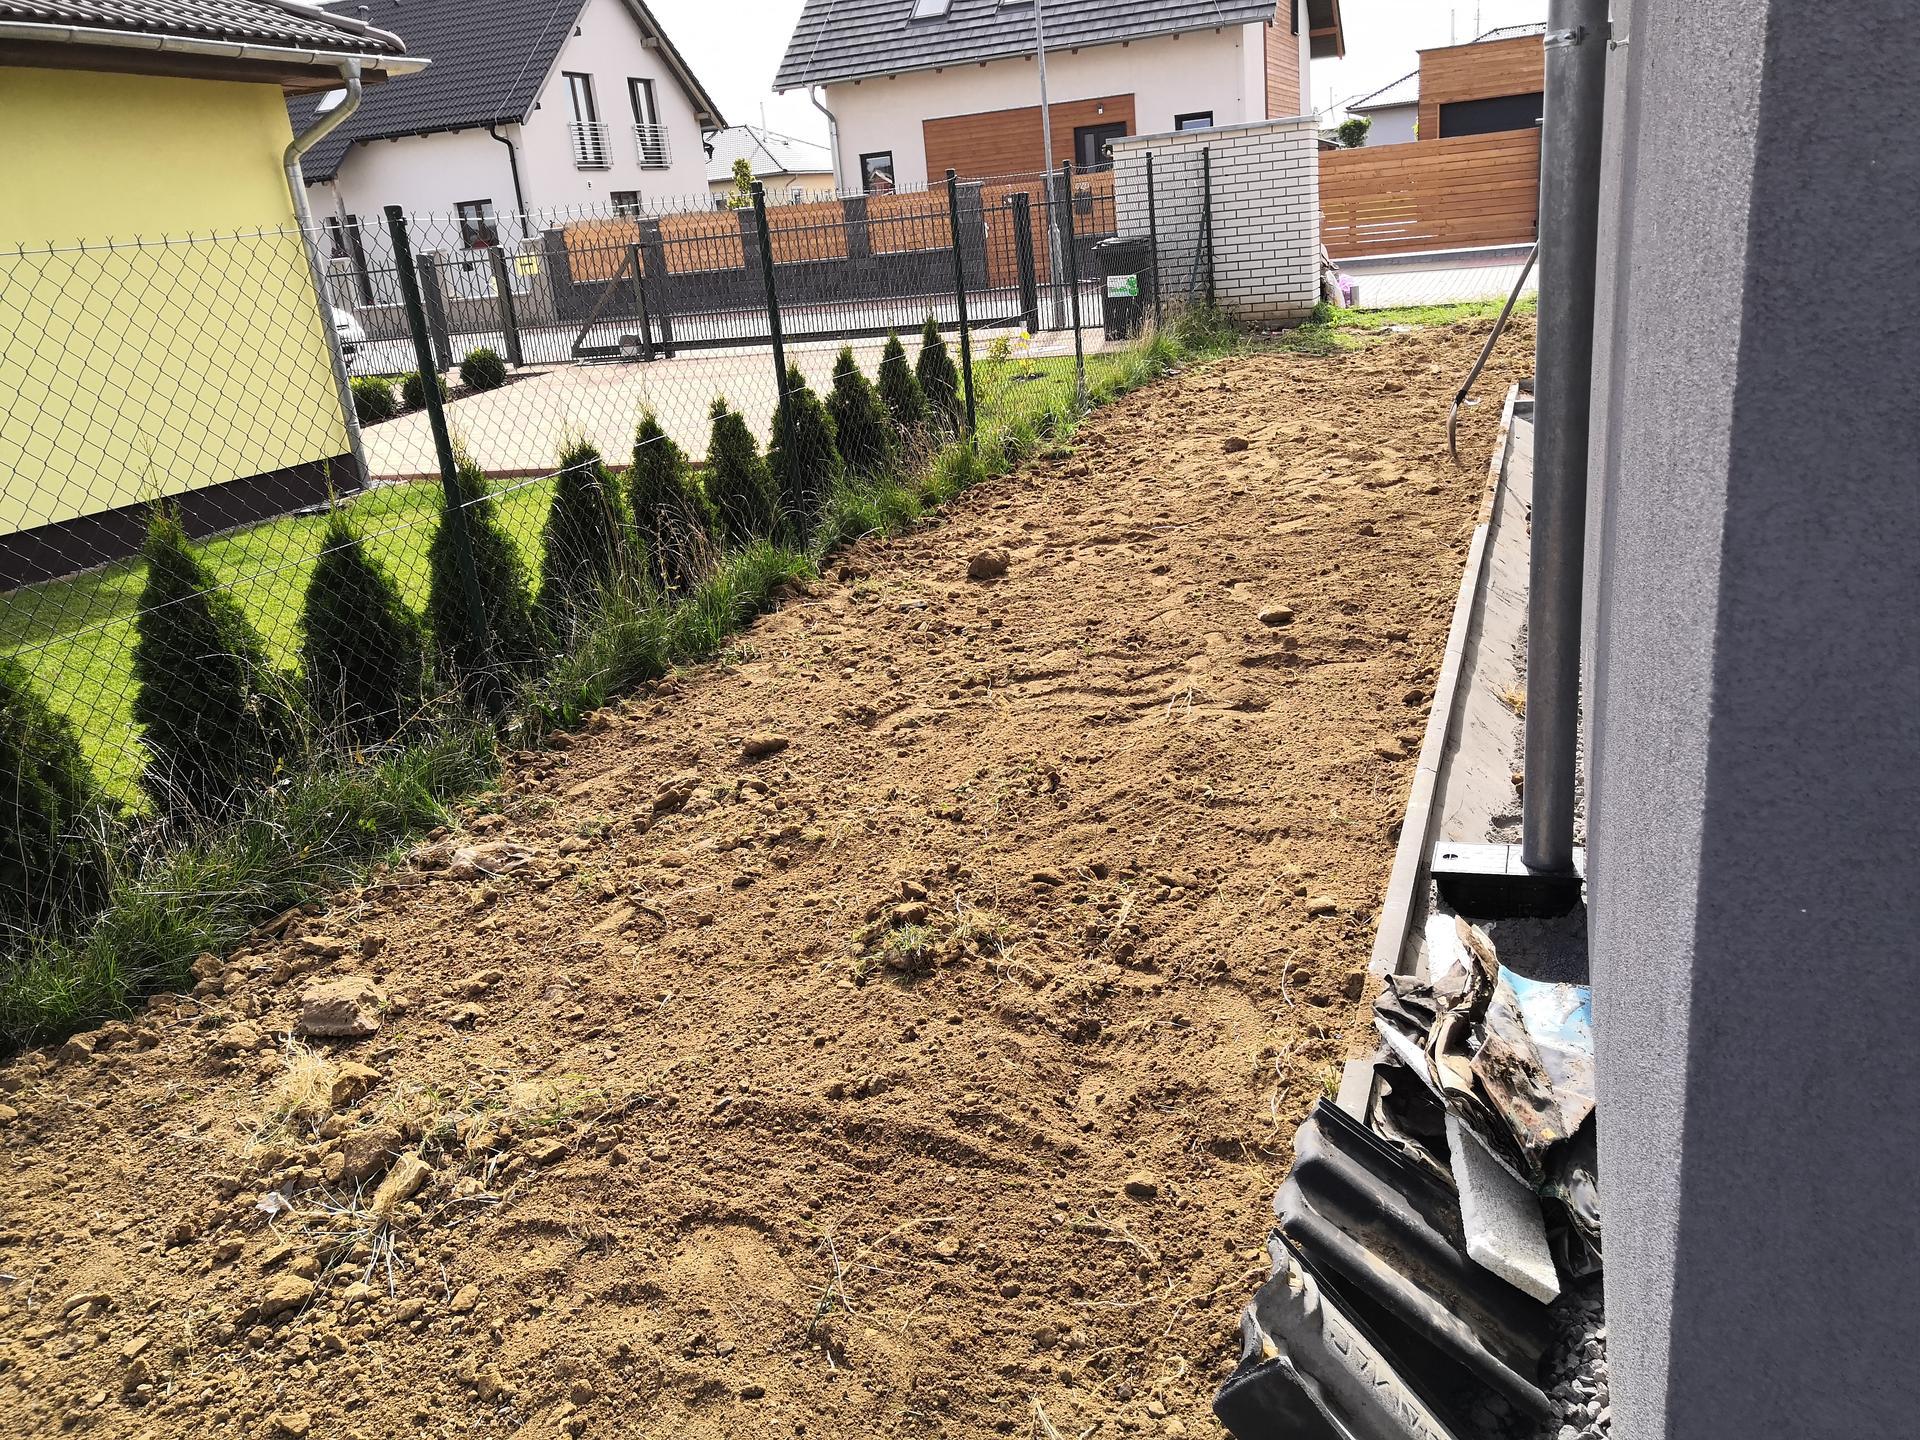 Zahrada na klíč - Náš kamarád nám provedl první hrubé srovnání terénu a vykopal díru na koupací jezírko.